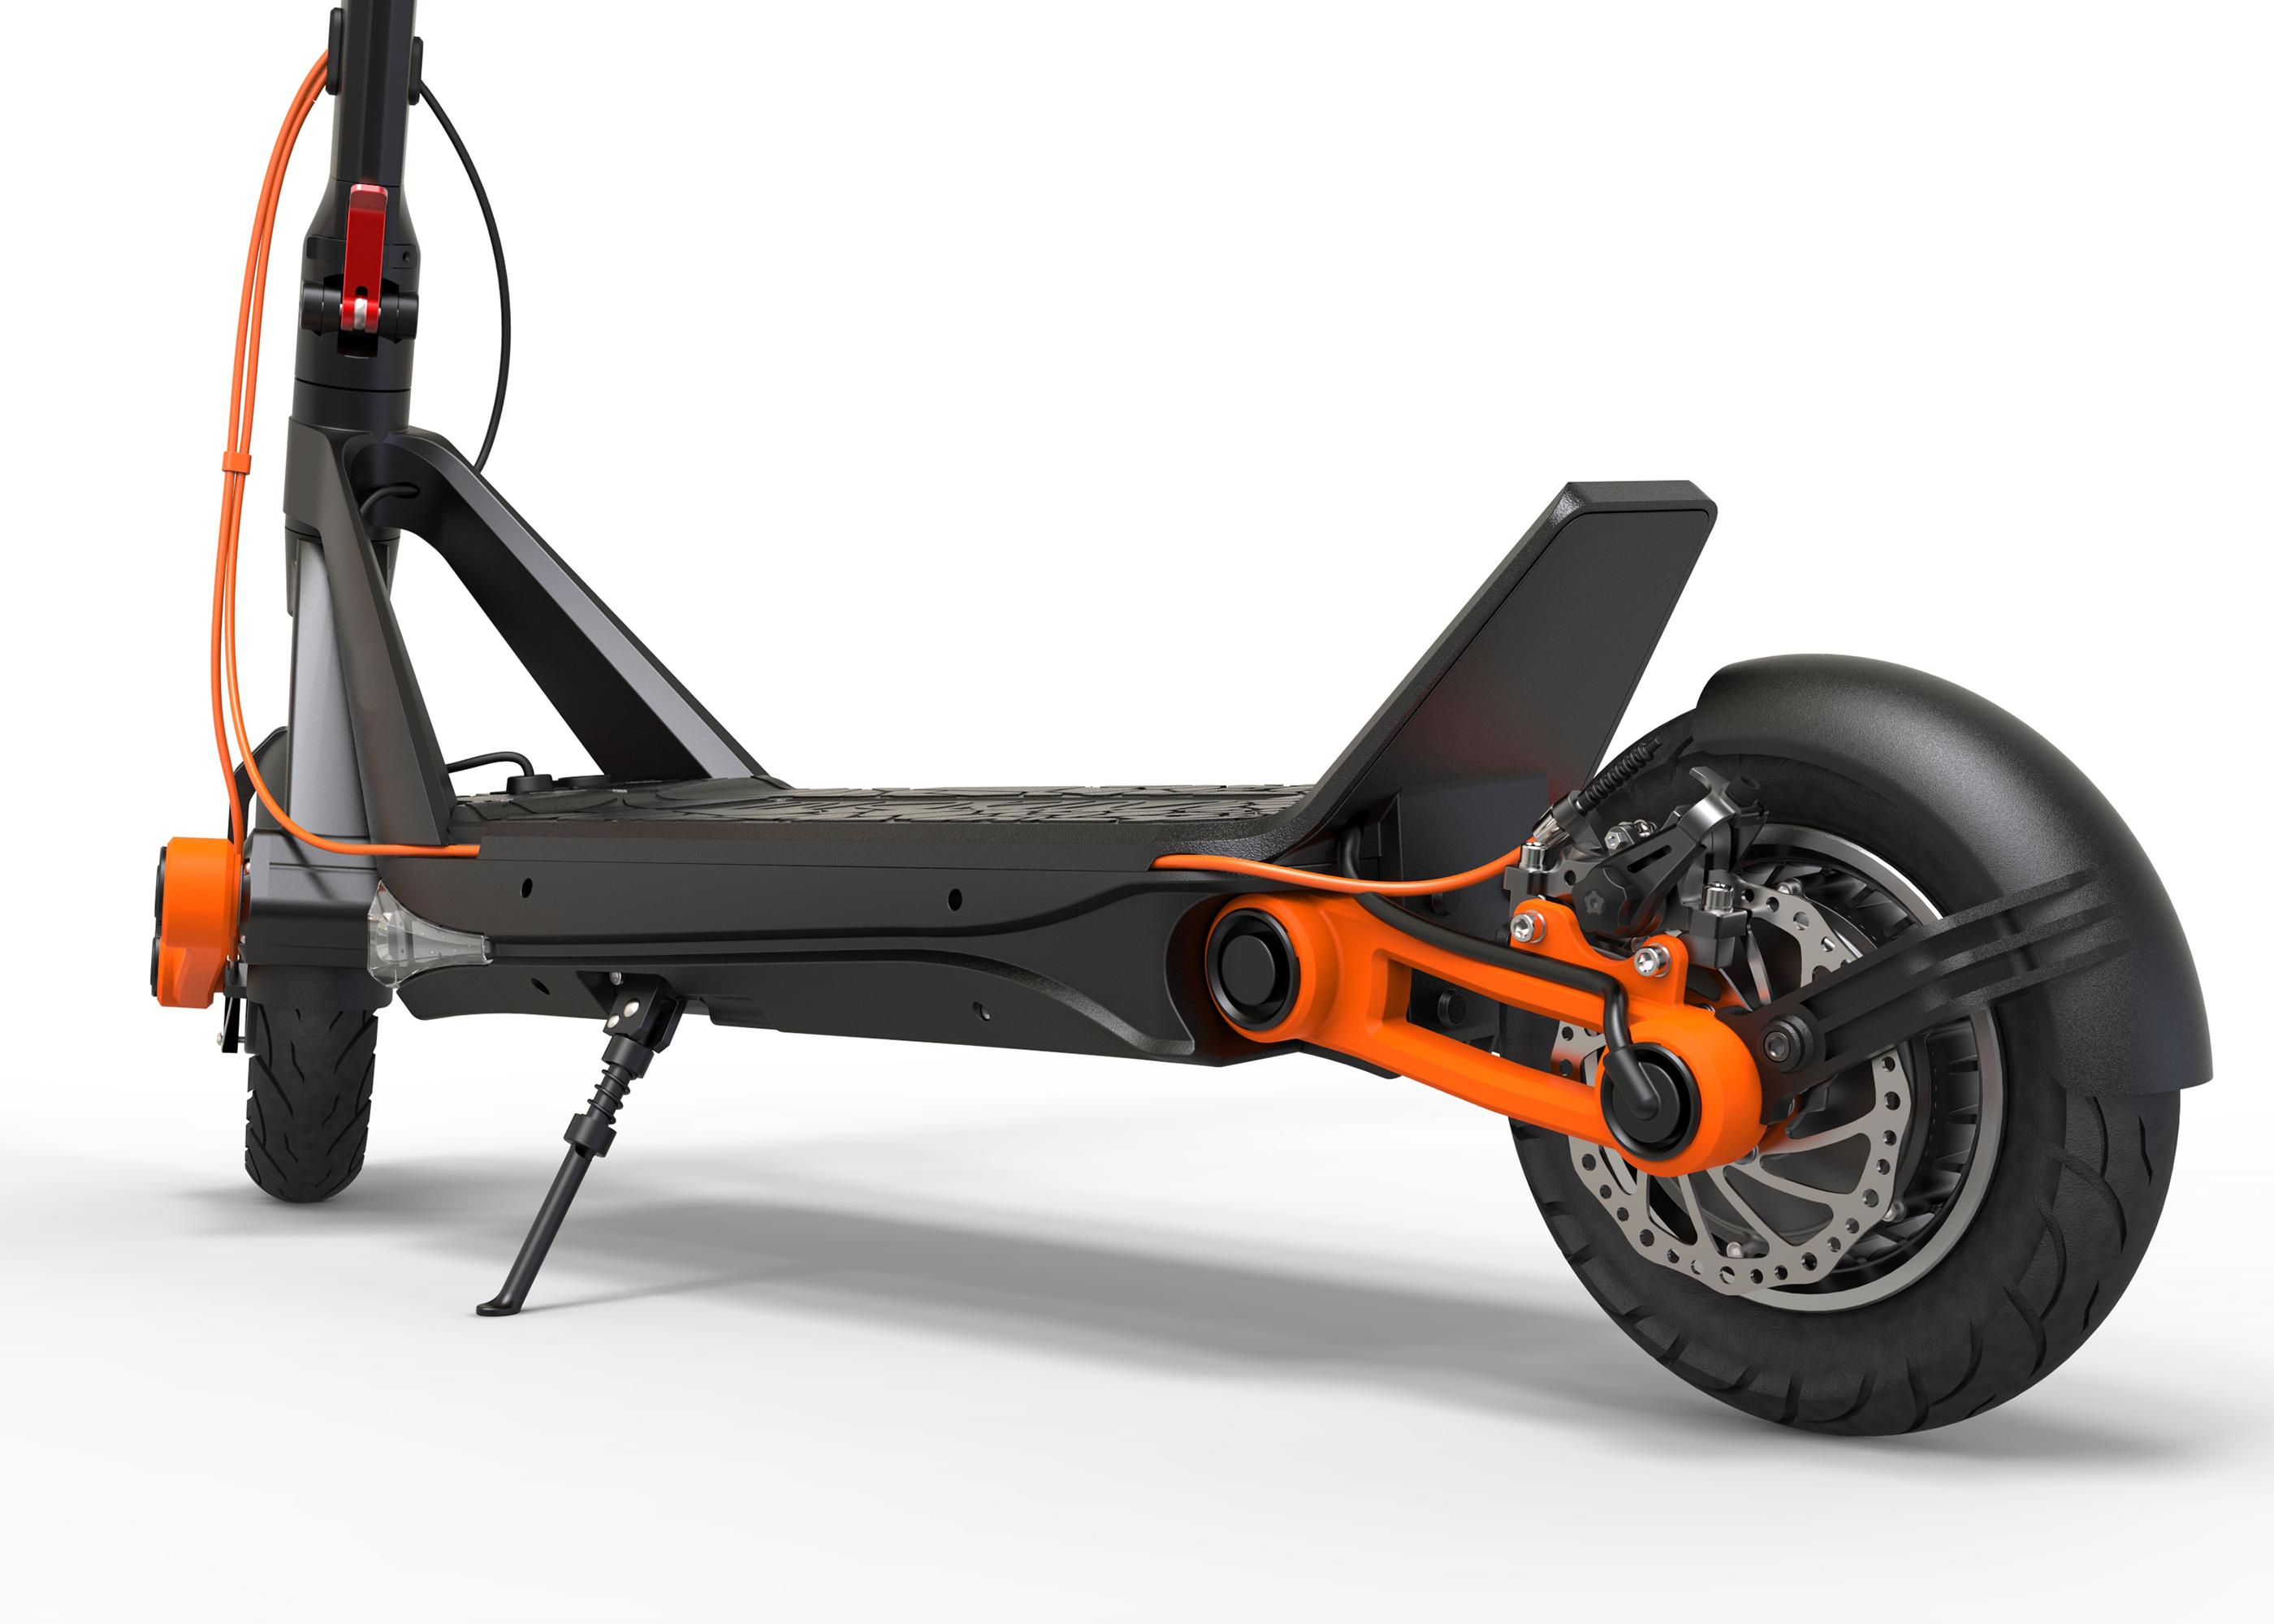 Inokim OX ECO eScooter